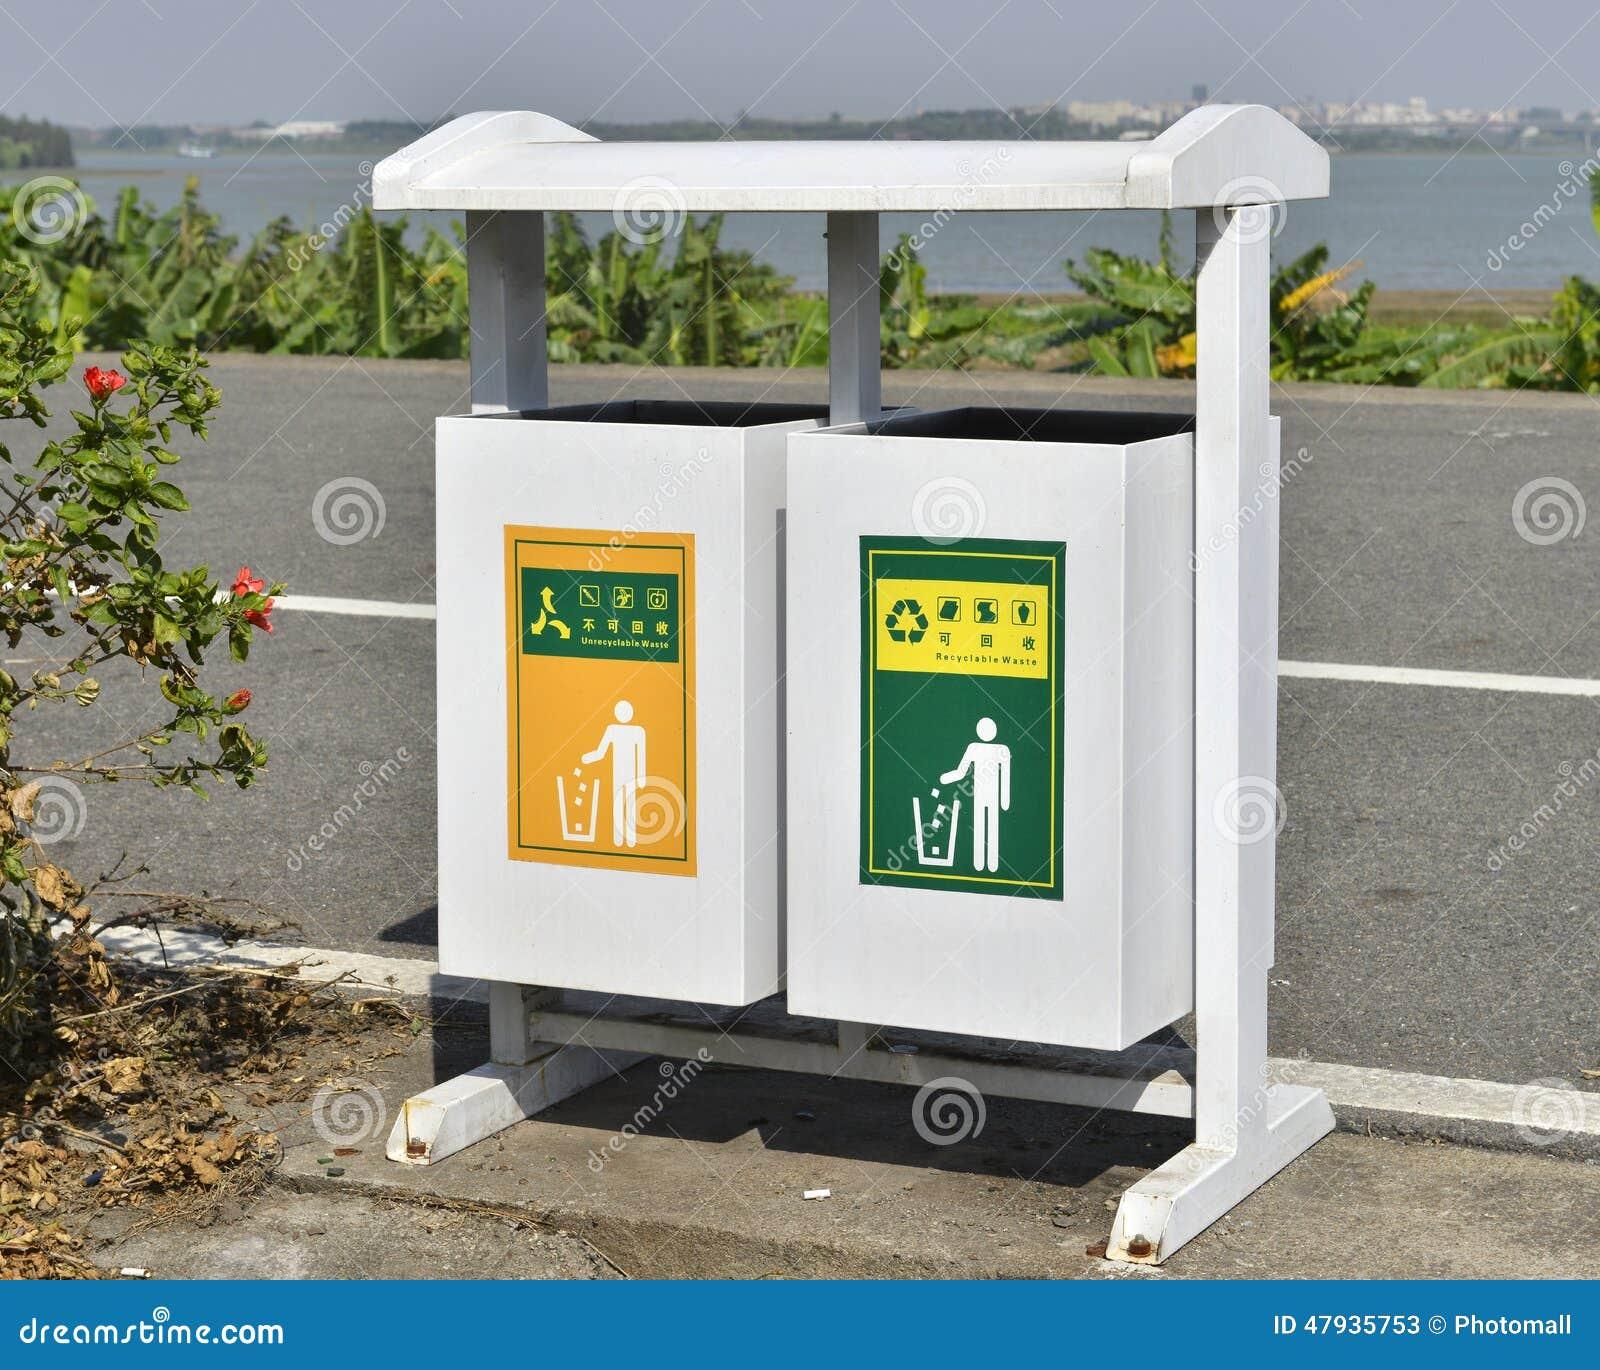 Bote de basura blanco en el borde de la carretera cubo de basura compartimiento de basura - Rd rubbish bin ...